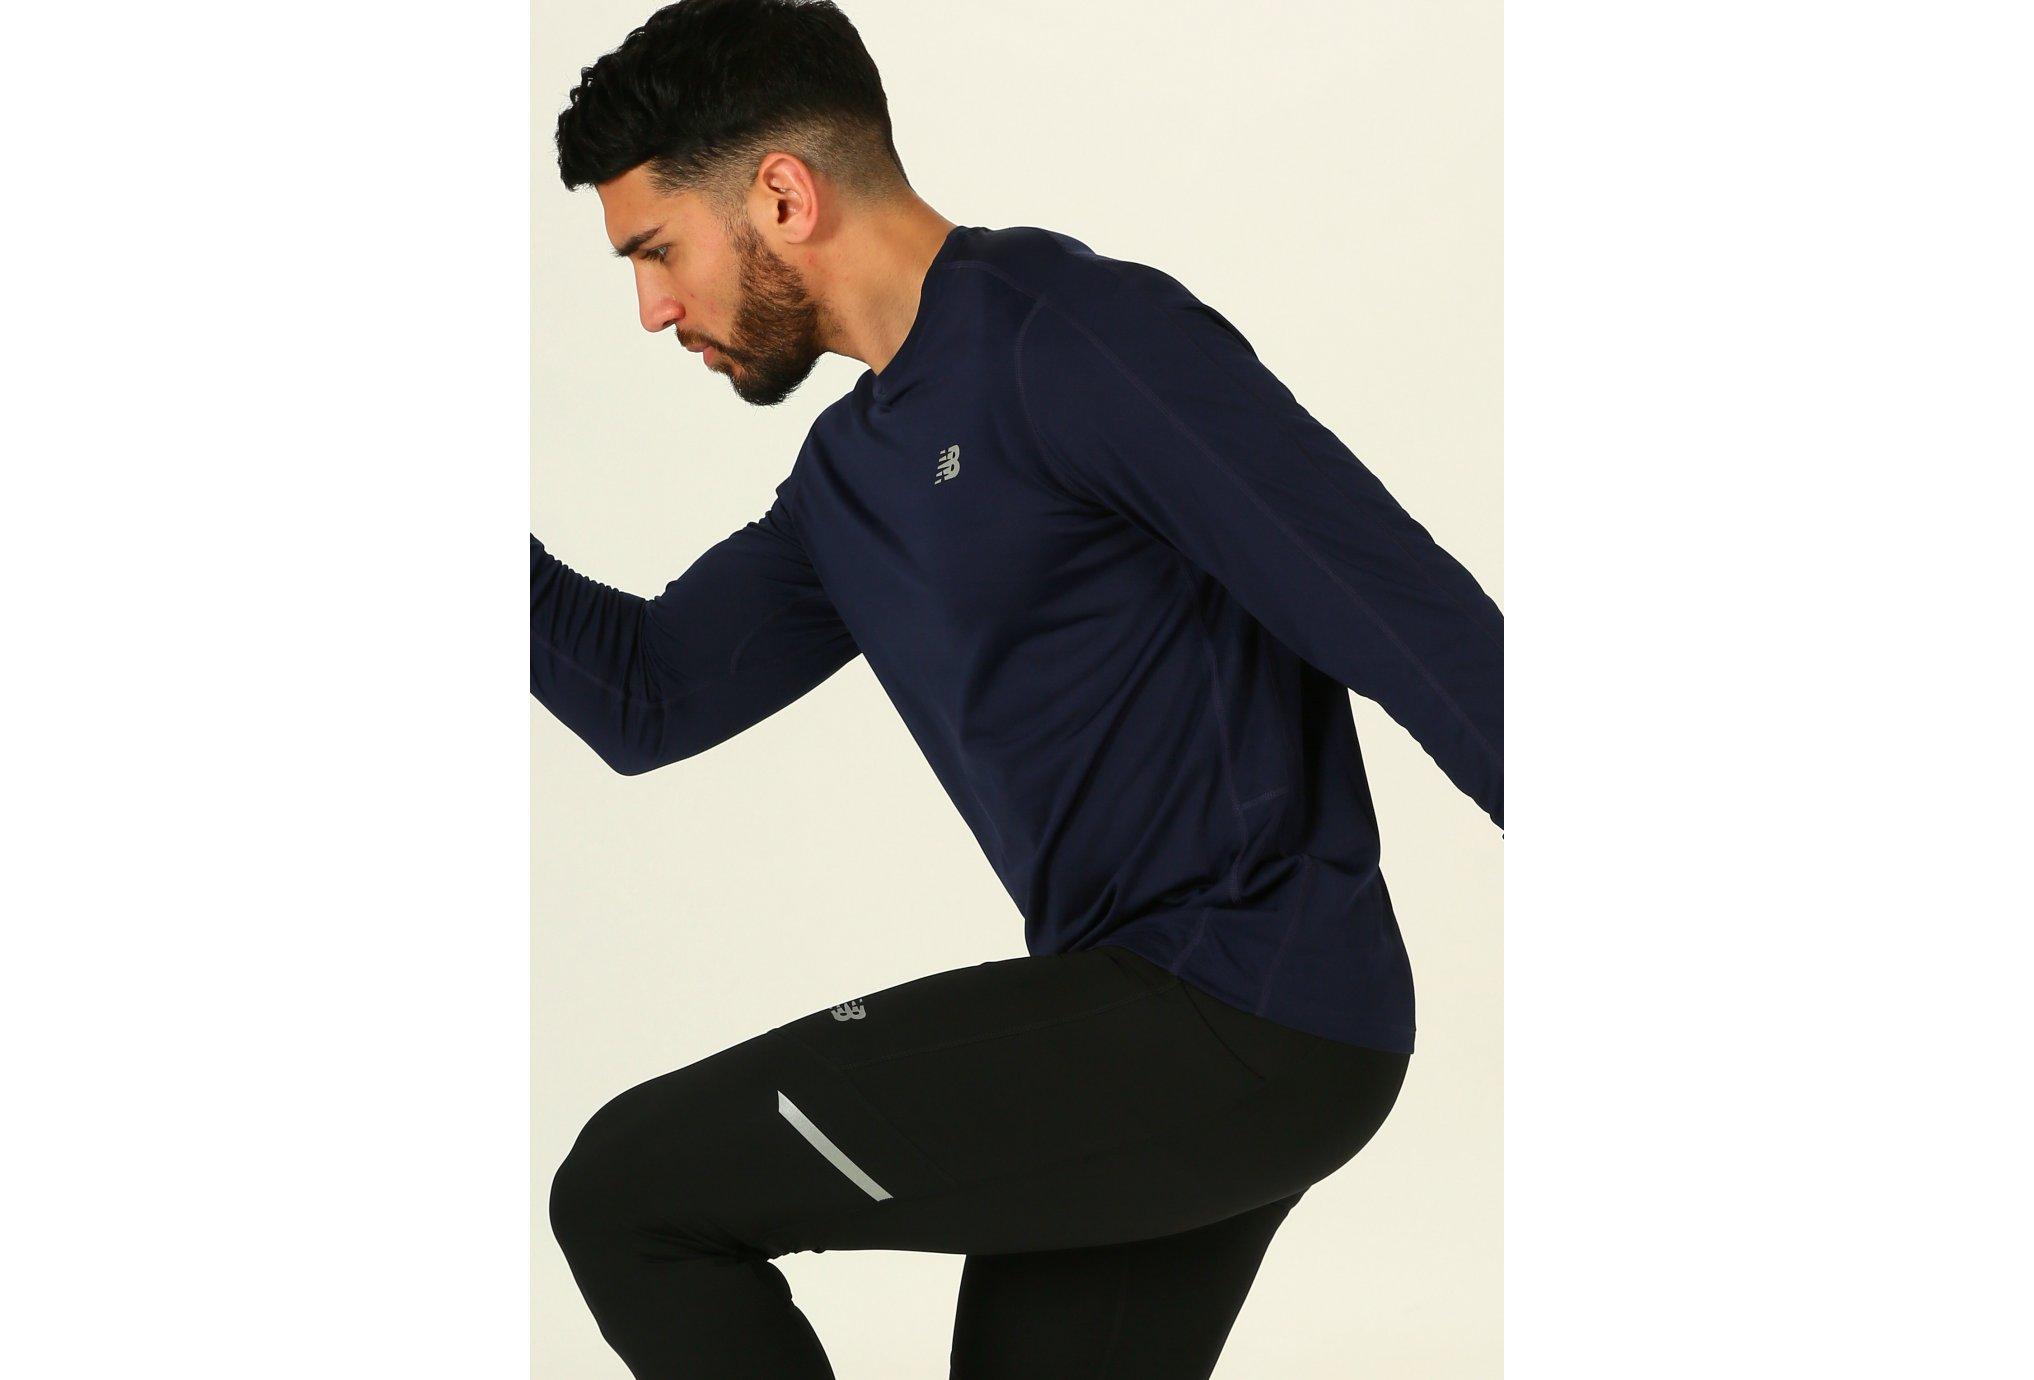 New Balance Accelerate M vêtement running homme